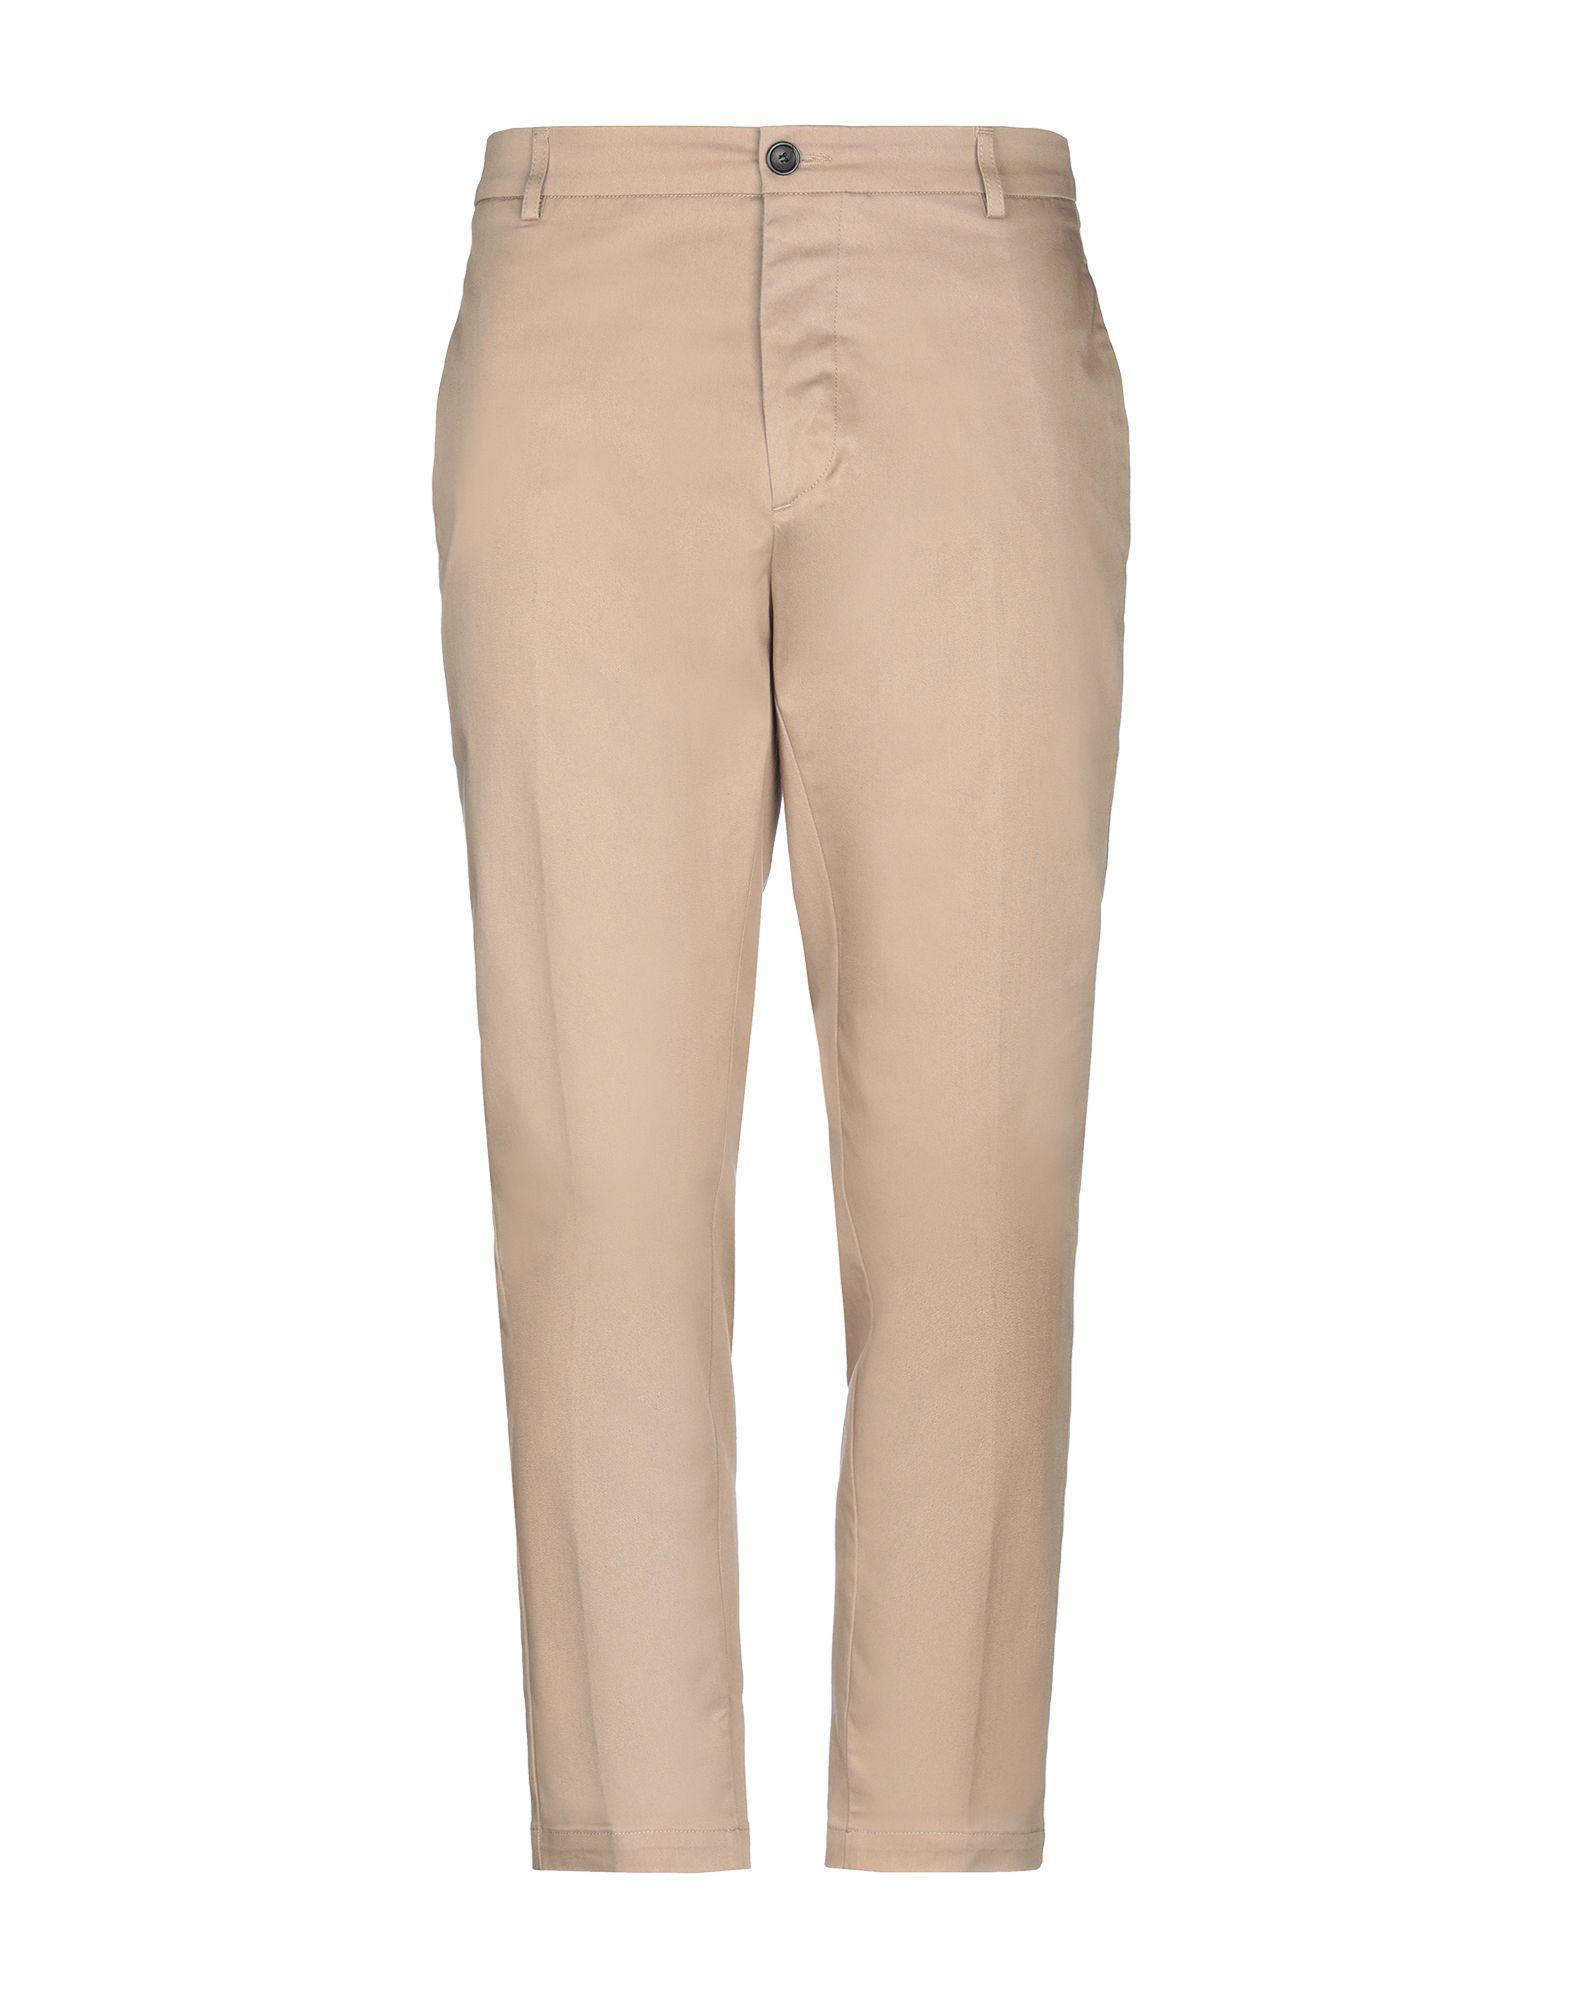 48c8a68a9ef8 Lyst - Pantalon Department 5 pour homme en coloris Neutre